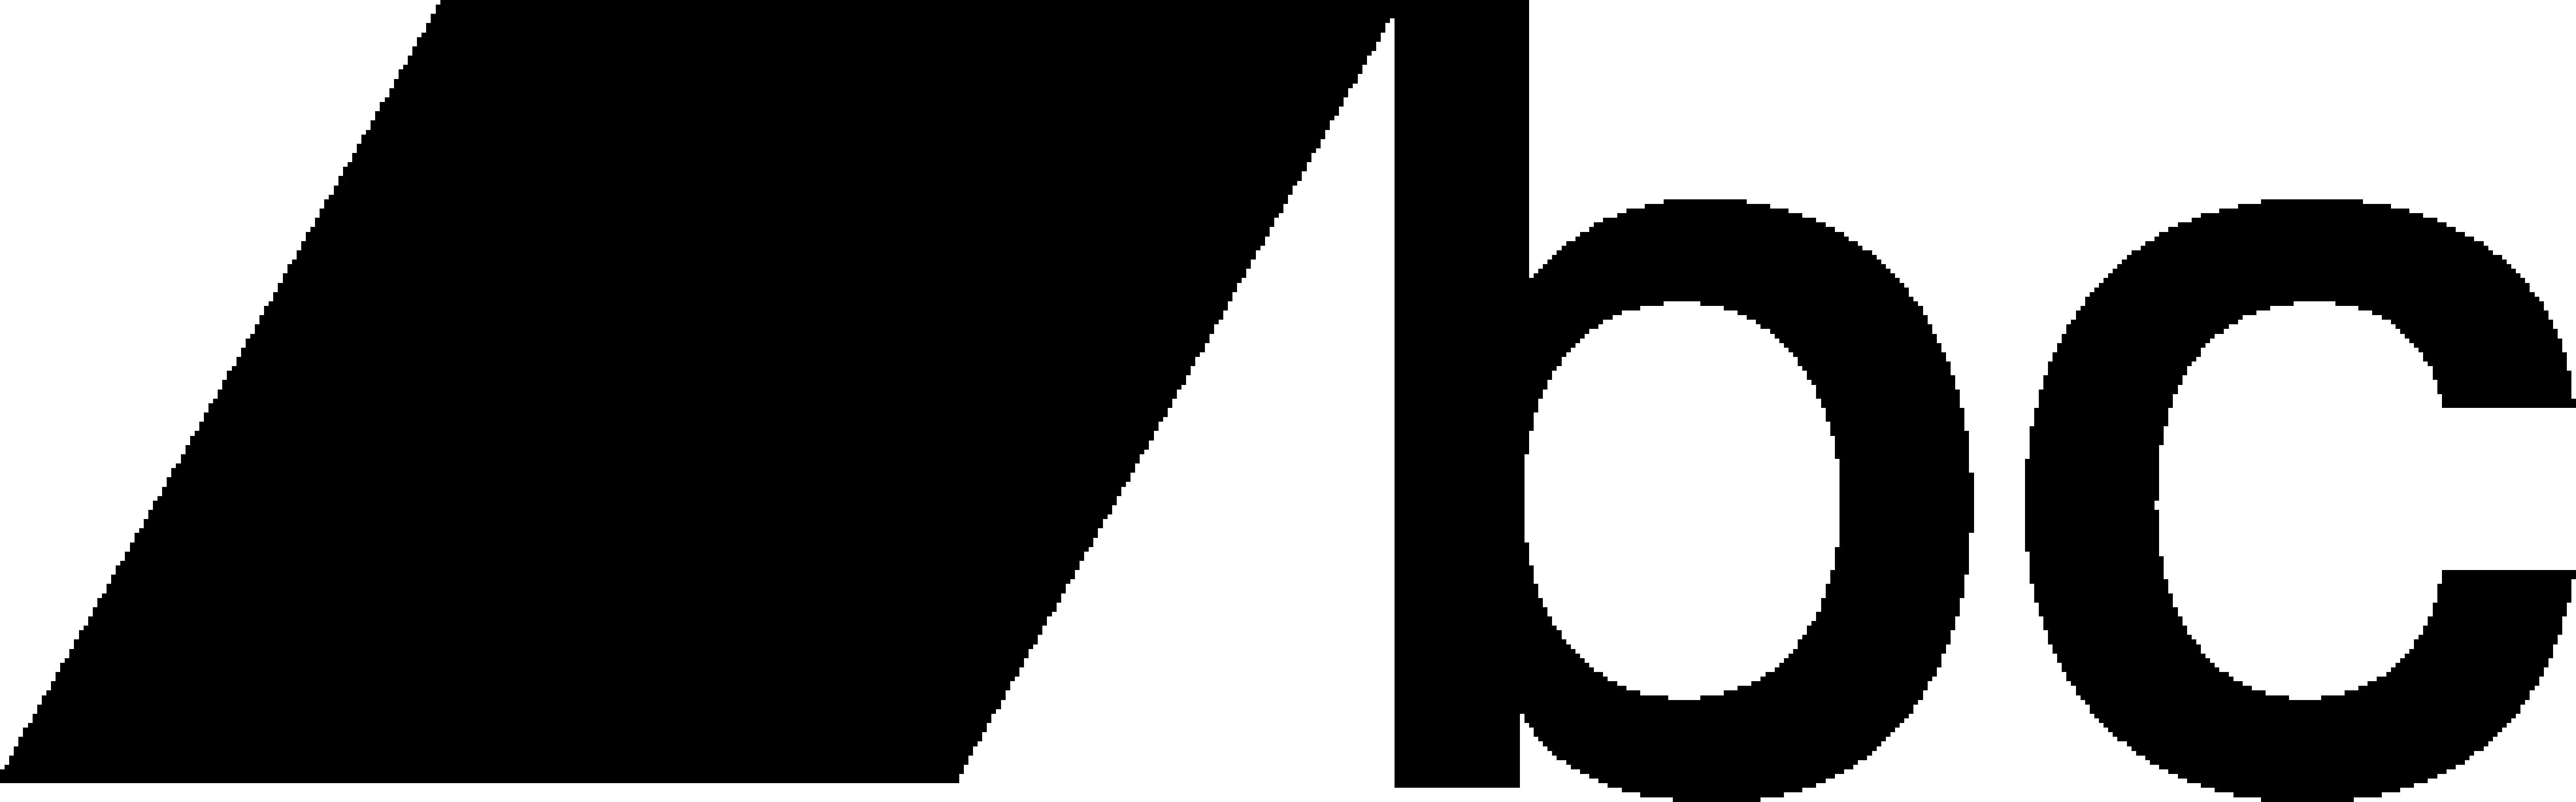 Bandcamp Logo Vector PNG - 40029